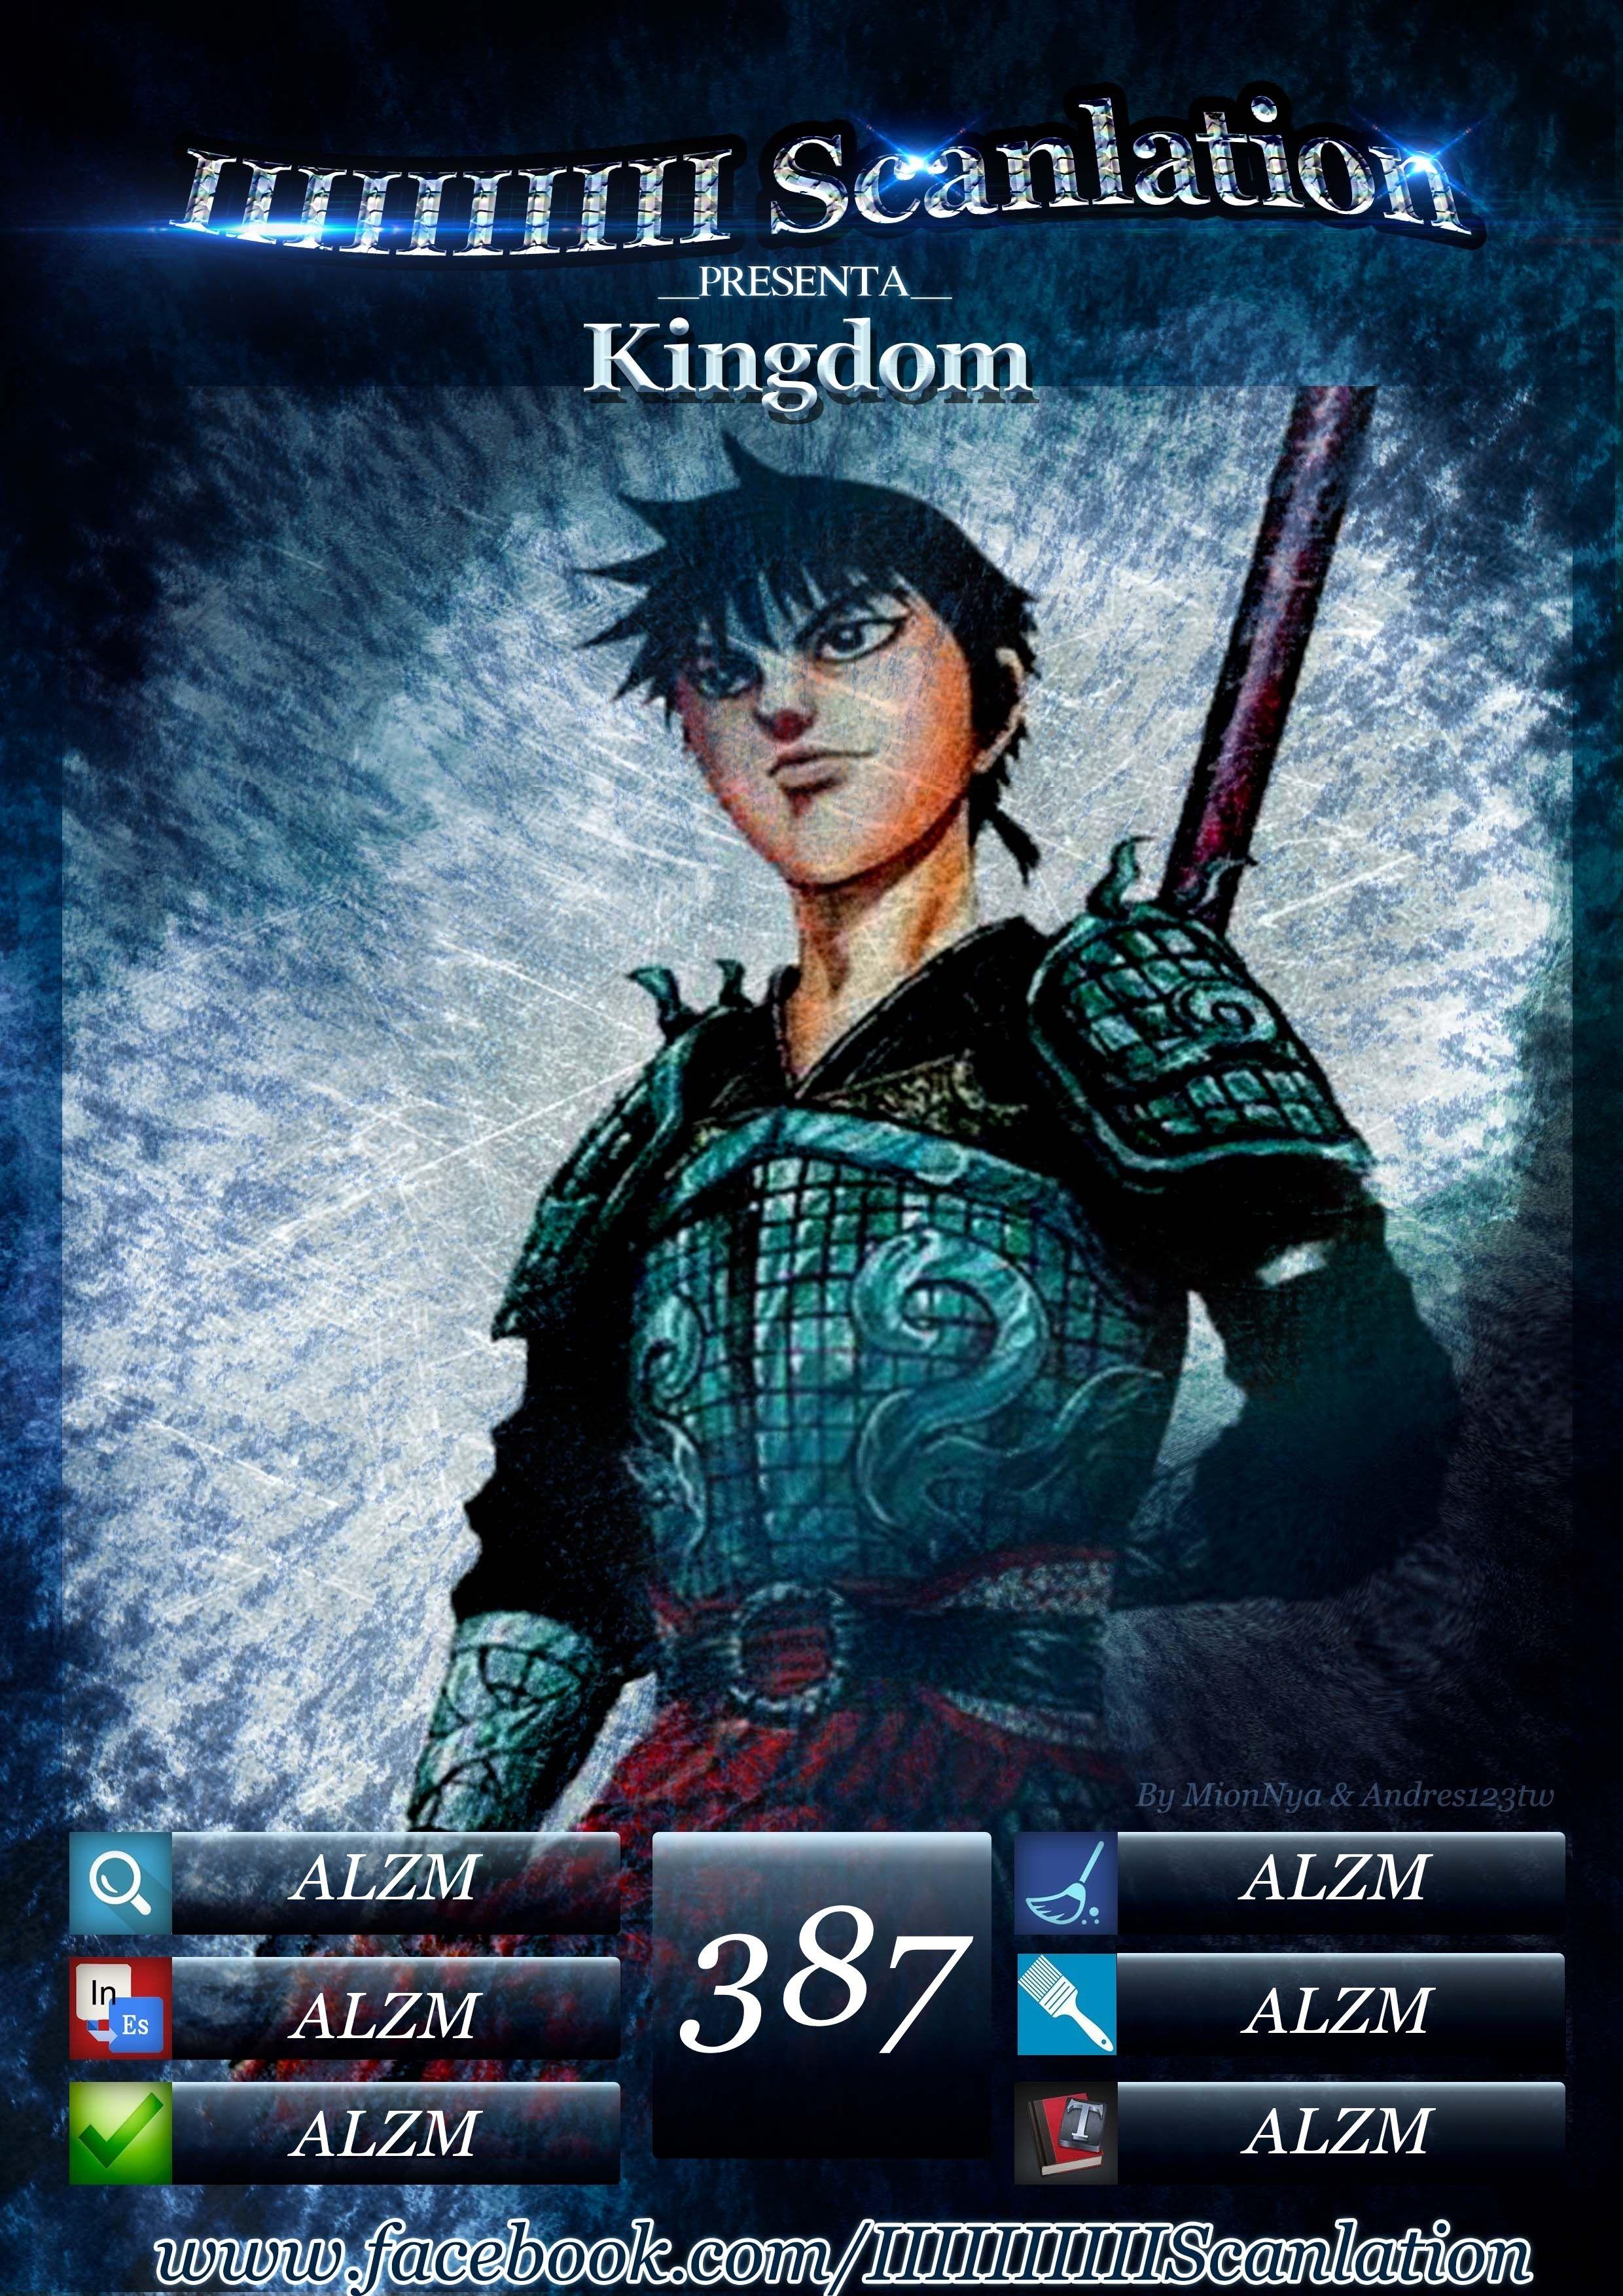 http://c5.ninemanga.com/es_manga/pic2/19/12307/501837/63ea659fb87fb04e4f5a6002075d0870.jpg Page 2